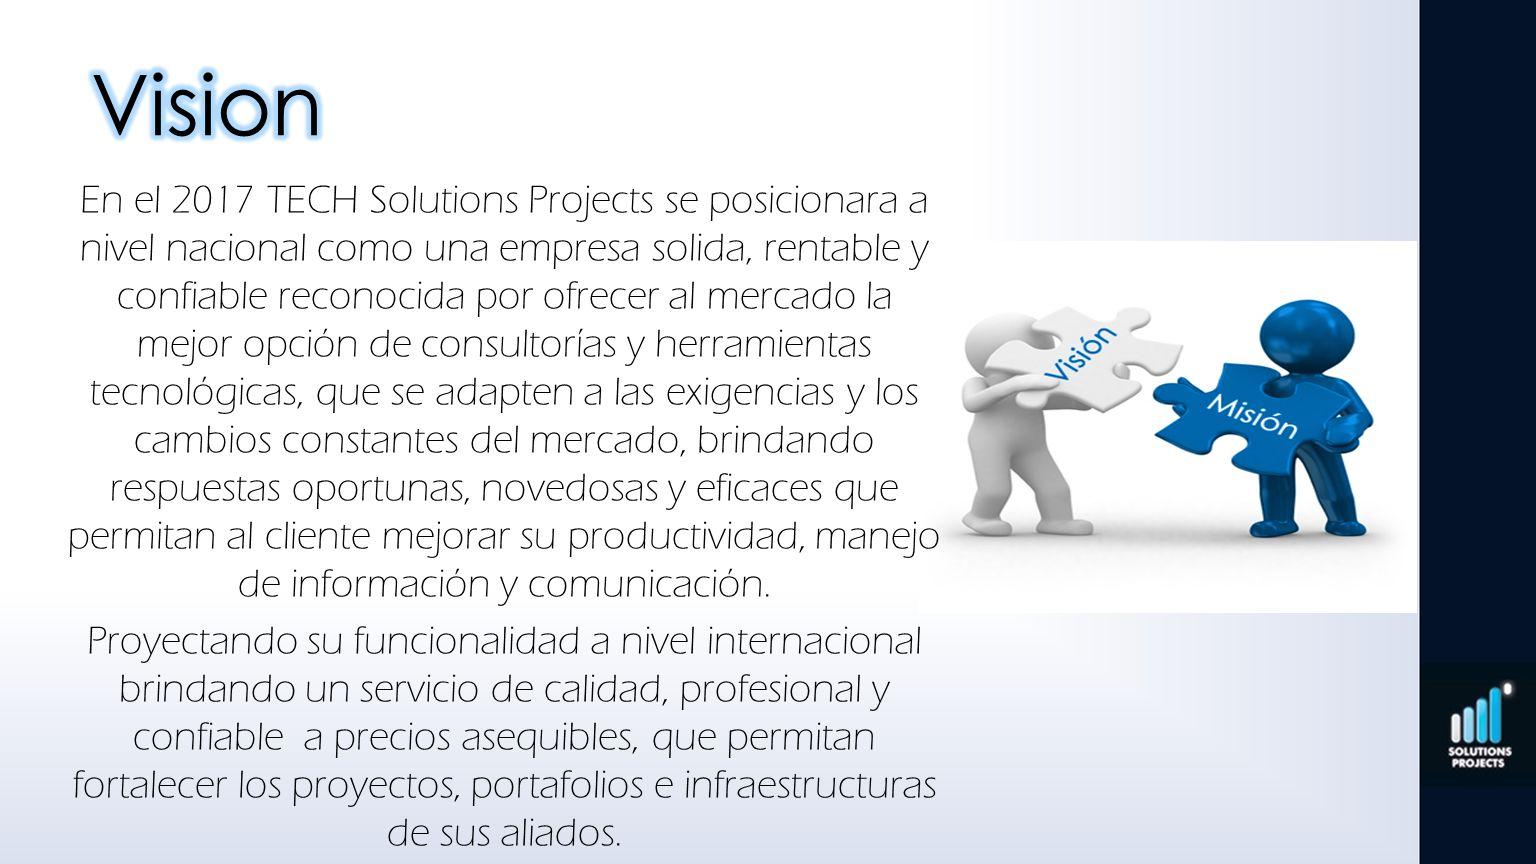 En el 2017 TECH Solutions Projects se posicionara a nivel nacional como una empresa solida, rentable y confiable reconocida por ofrecer al mercado la